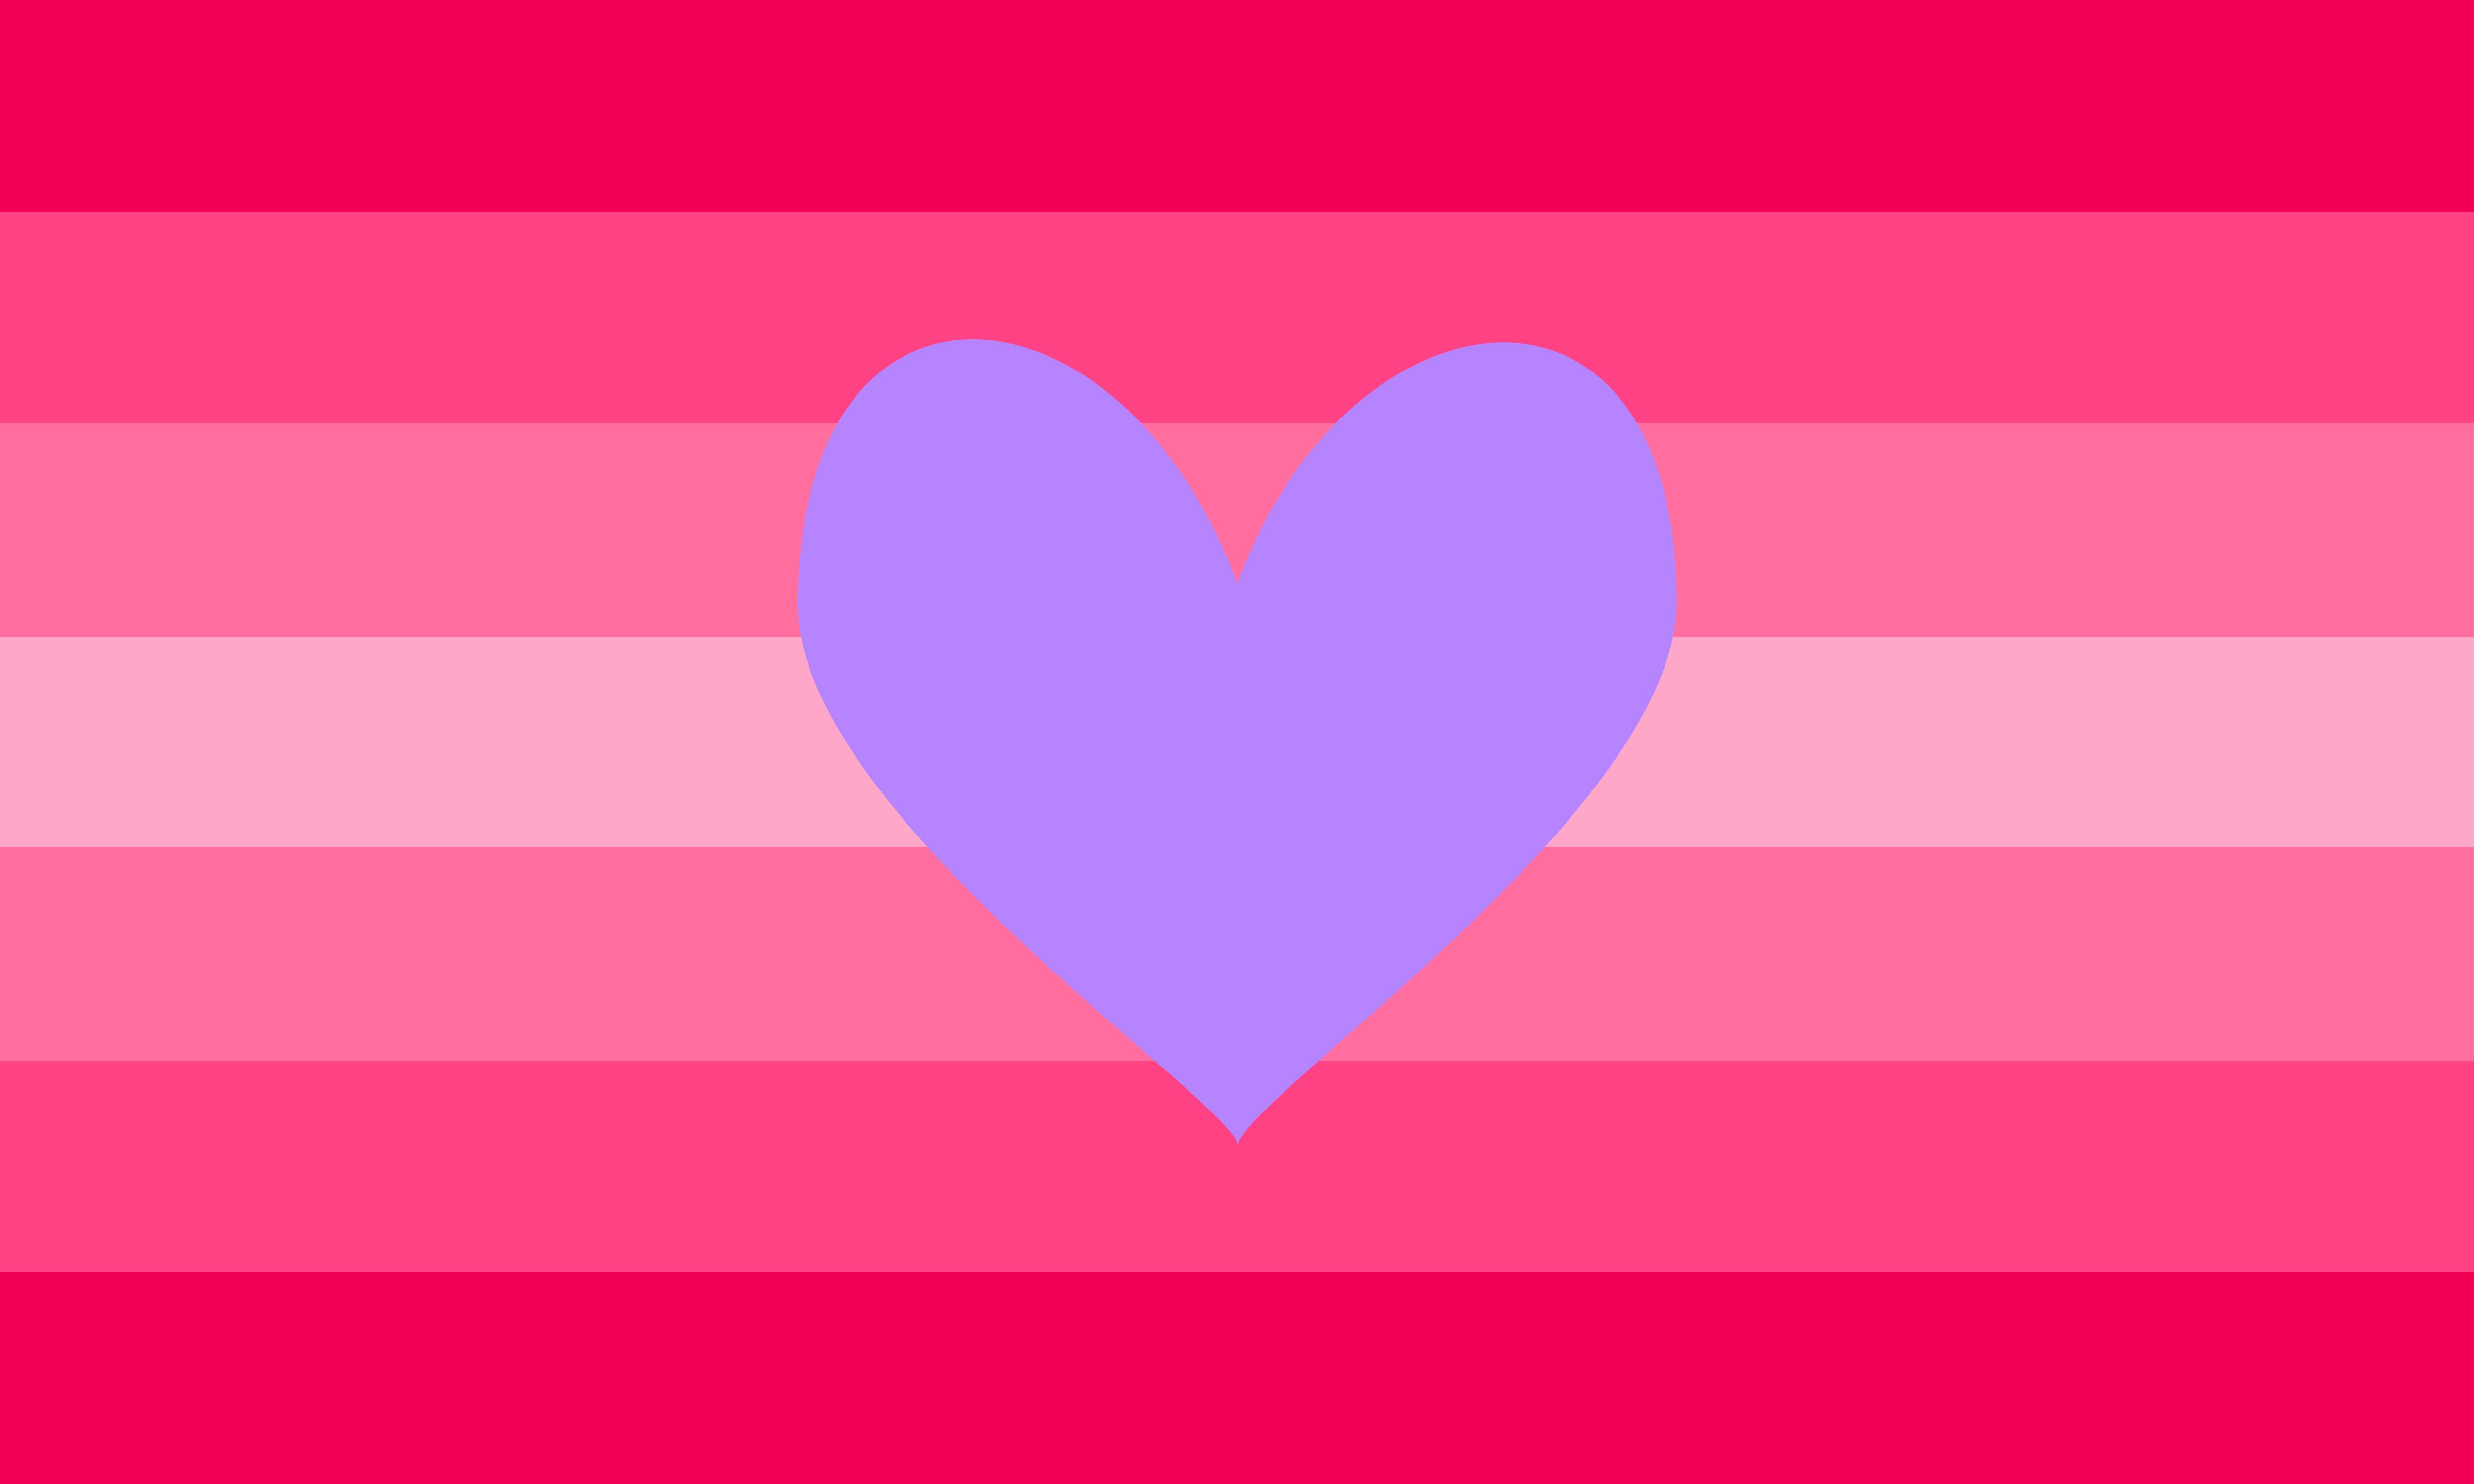 Cutegender / Gendercute (1)